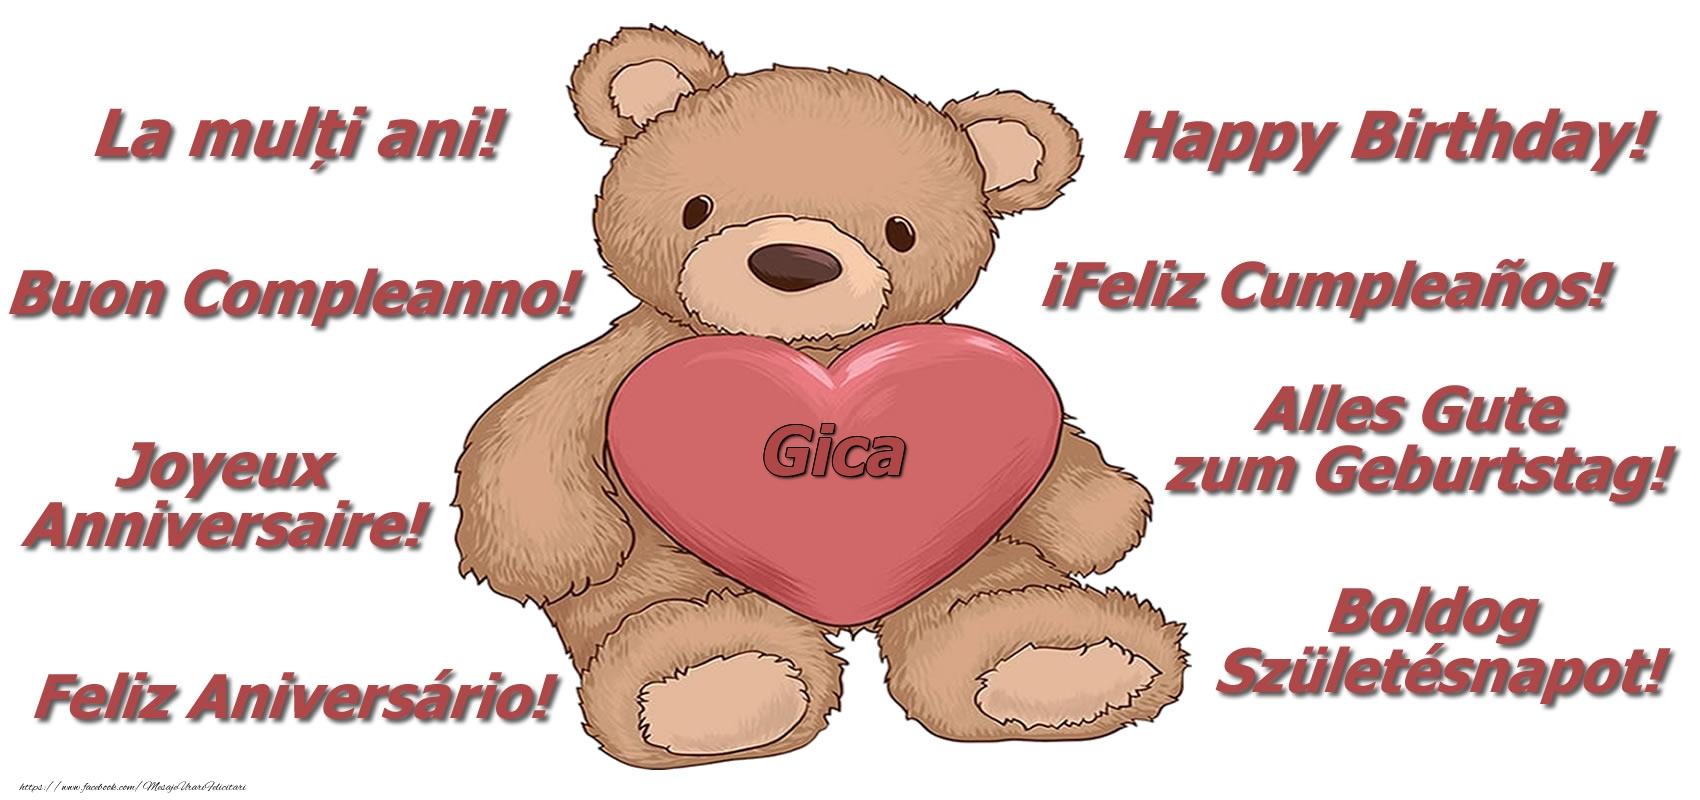 Felicitari de zi de nastere - La multi ani Gica! - Ursulet